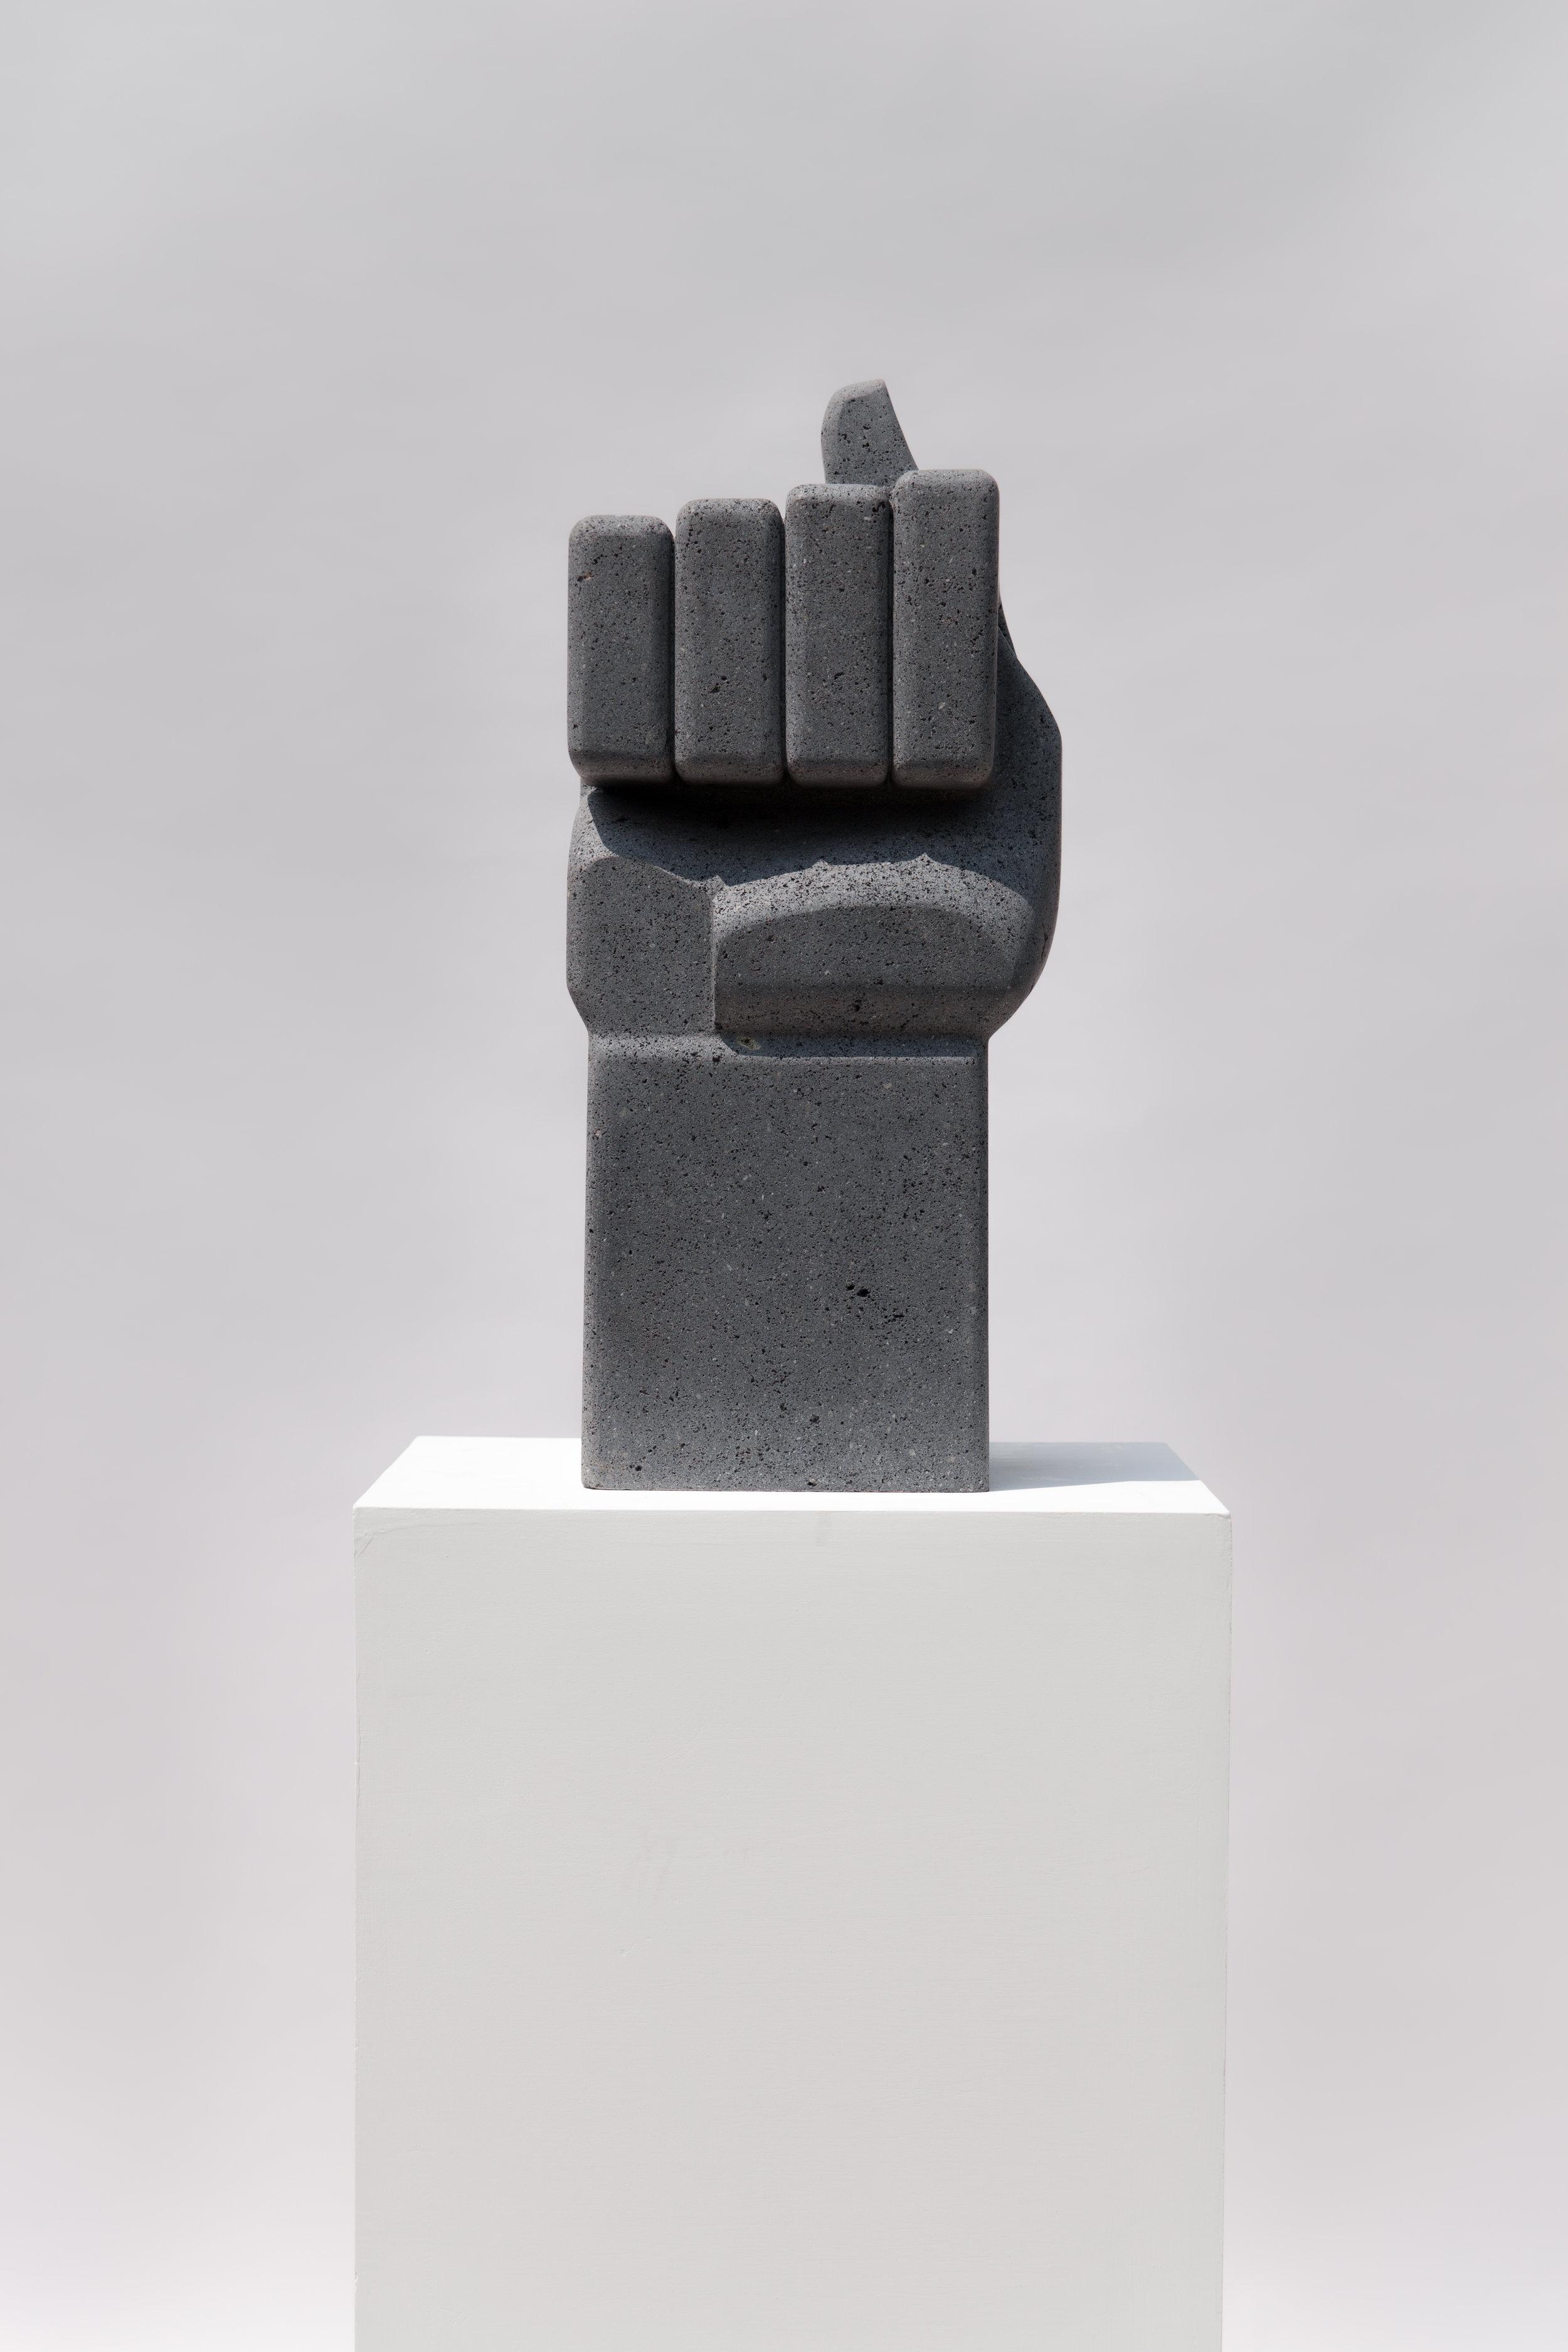 4. Figa, Pedro Reyes, 2017. Galeria Luisa Strina, São Paulo. Courtesy Galeria Luisa Strina.